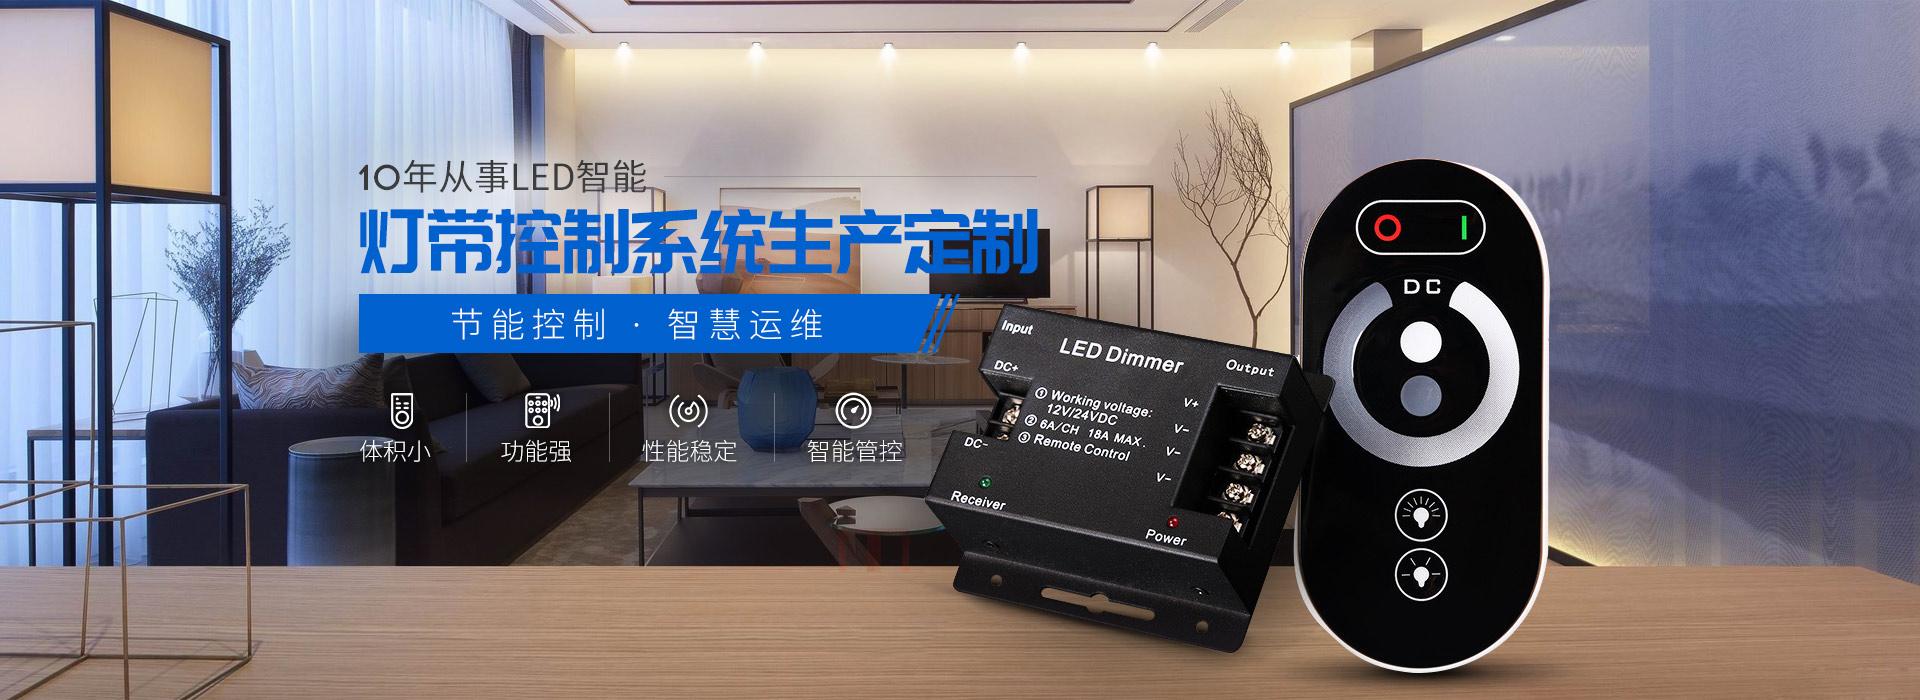 亚美云创10年专注LED智能照明控制系统生产定制